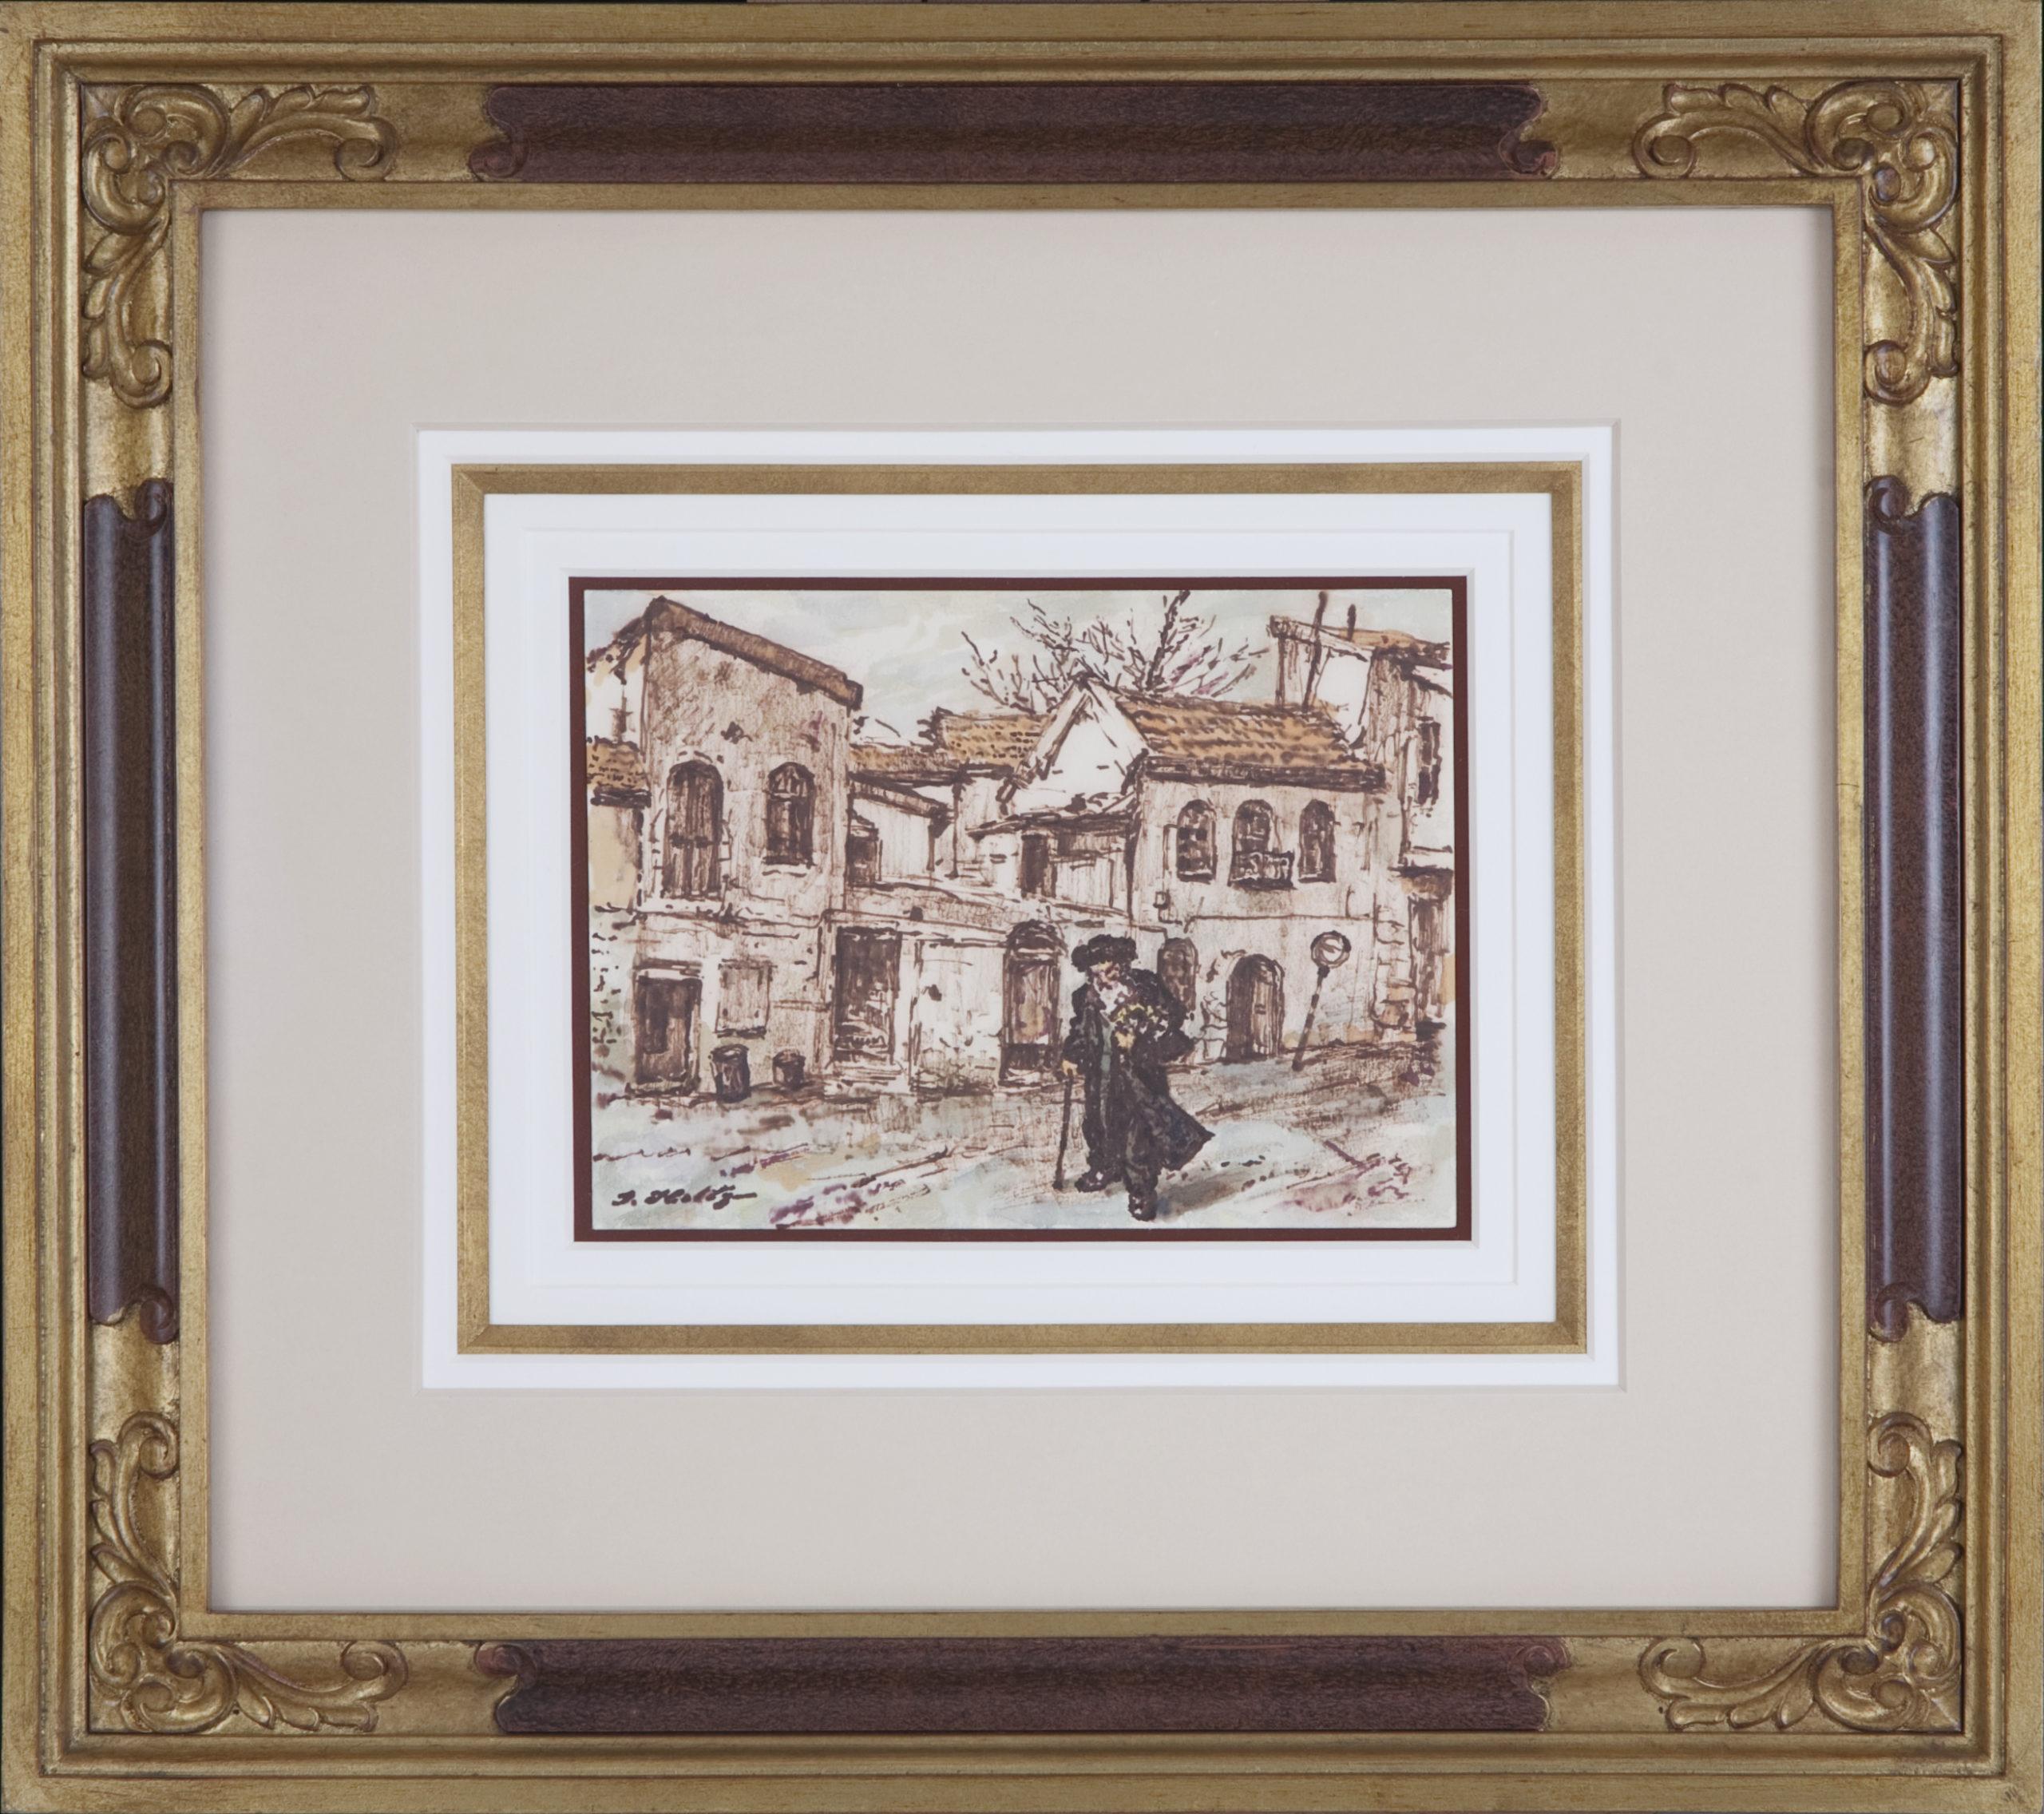 082 Shabbat 1968 - Marker - 9.75 x 7 - Frame: 22.75 x 20.25 x 2